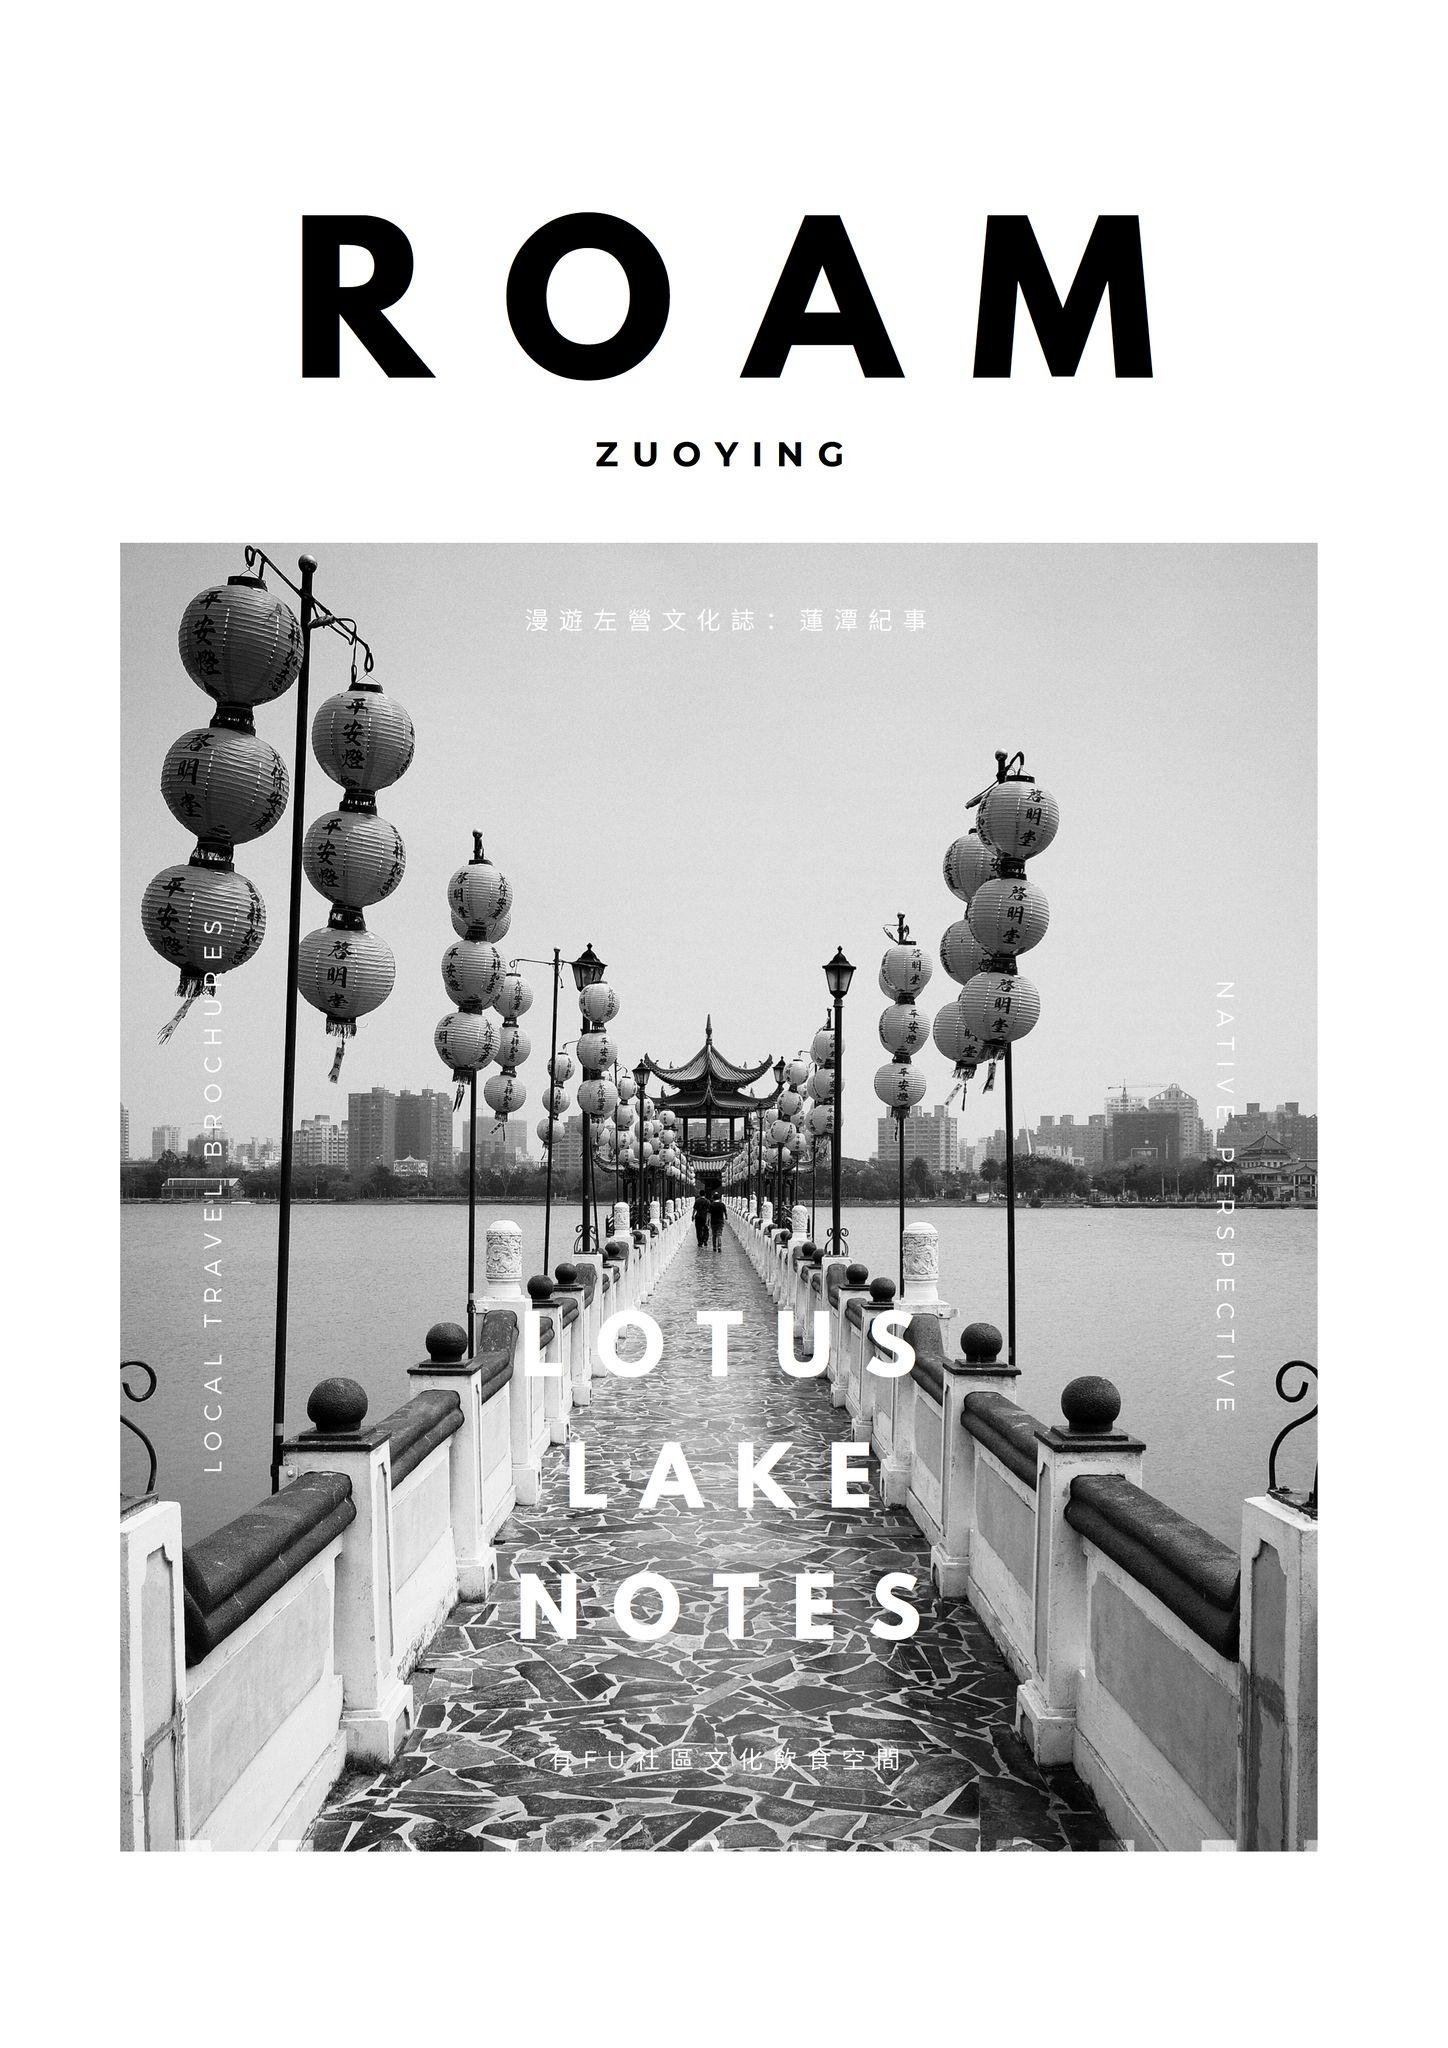 漫遊左營文化誌|Roam Zuoying Issue02 - 蓮潭紀事